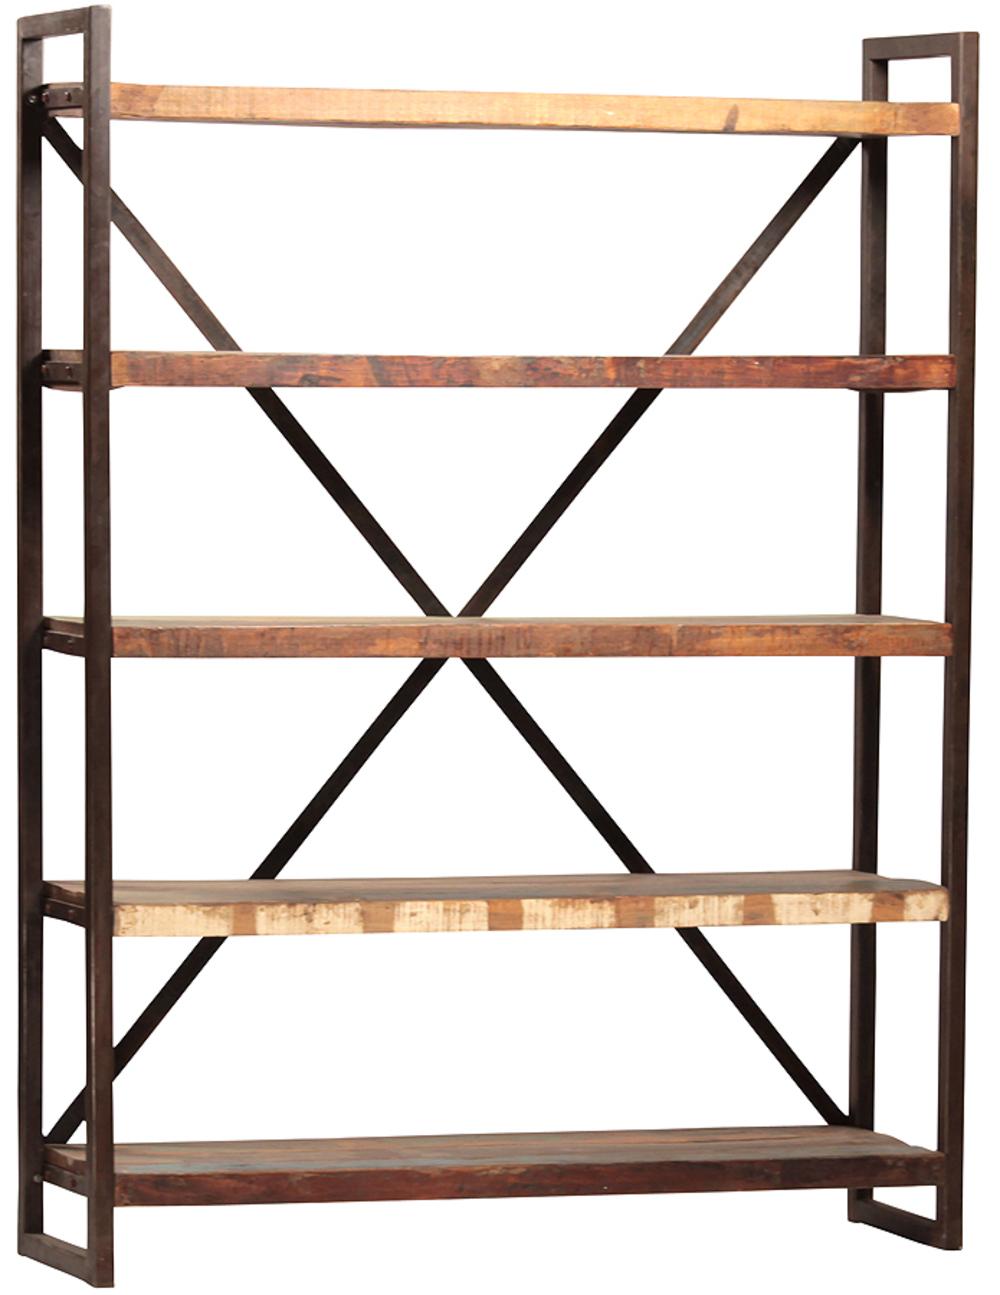 Dovetail Furniture - Avila Book Shelf